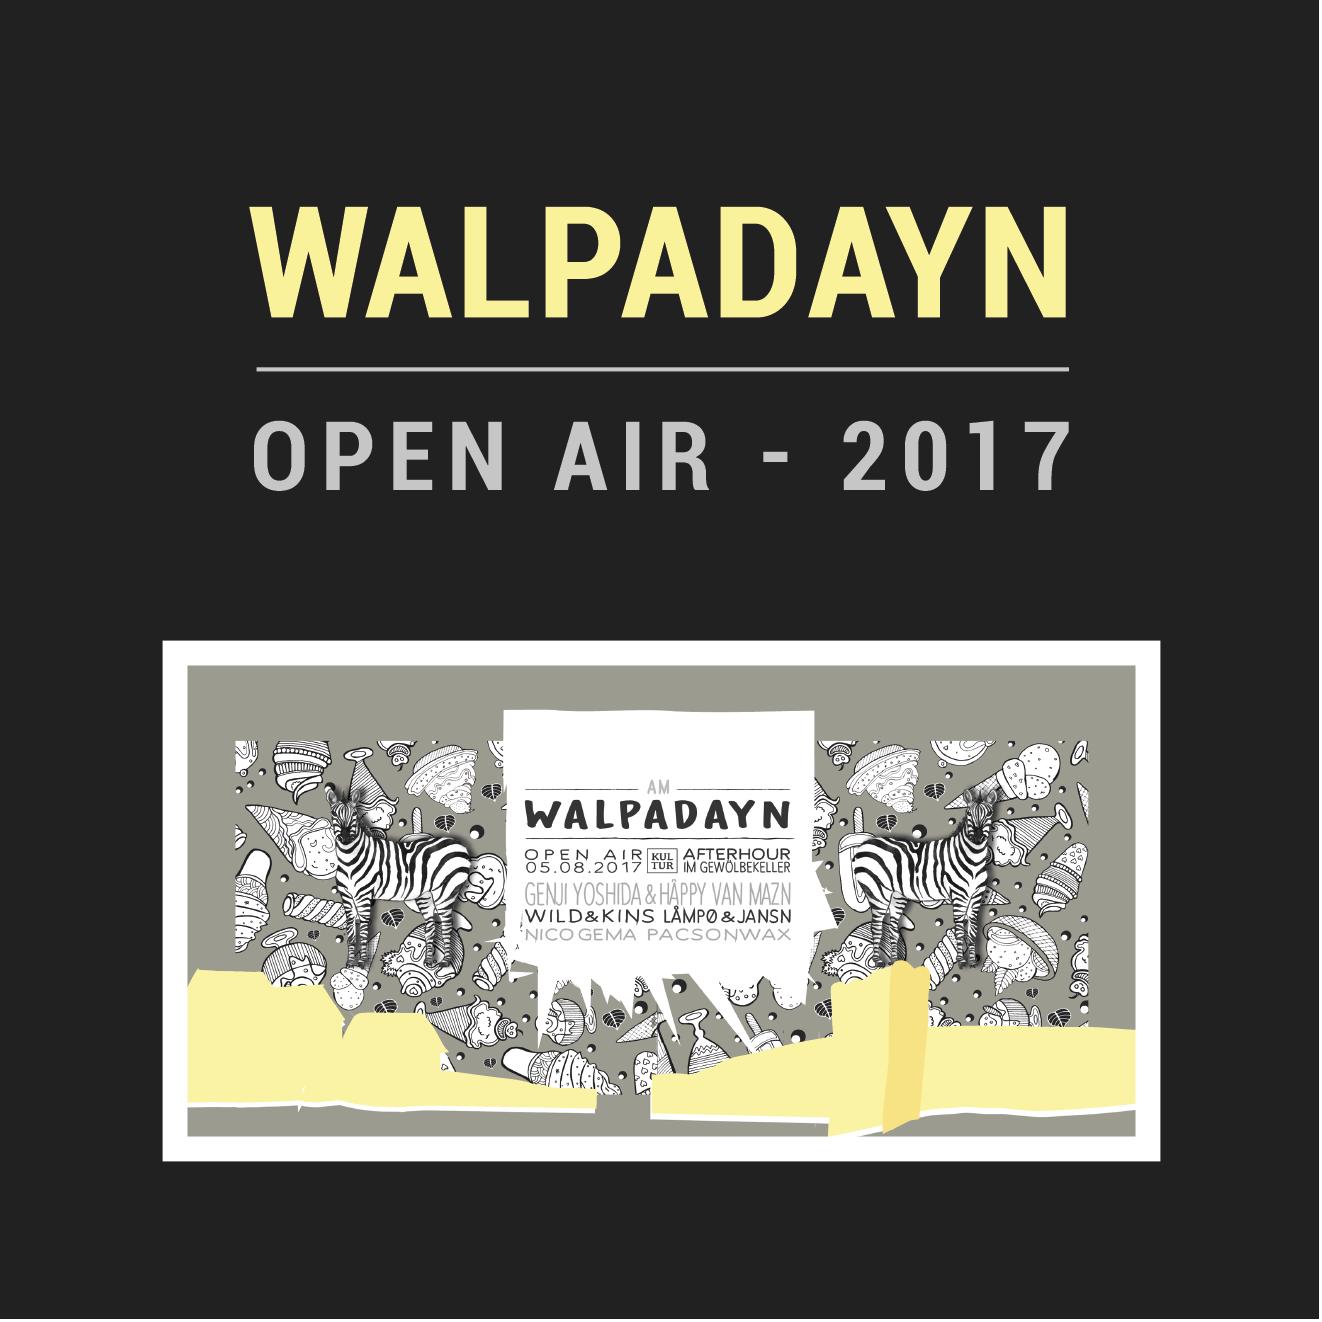 walpa_2017